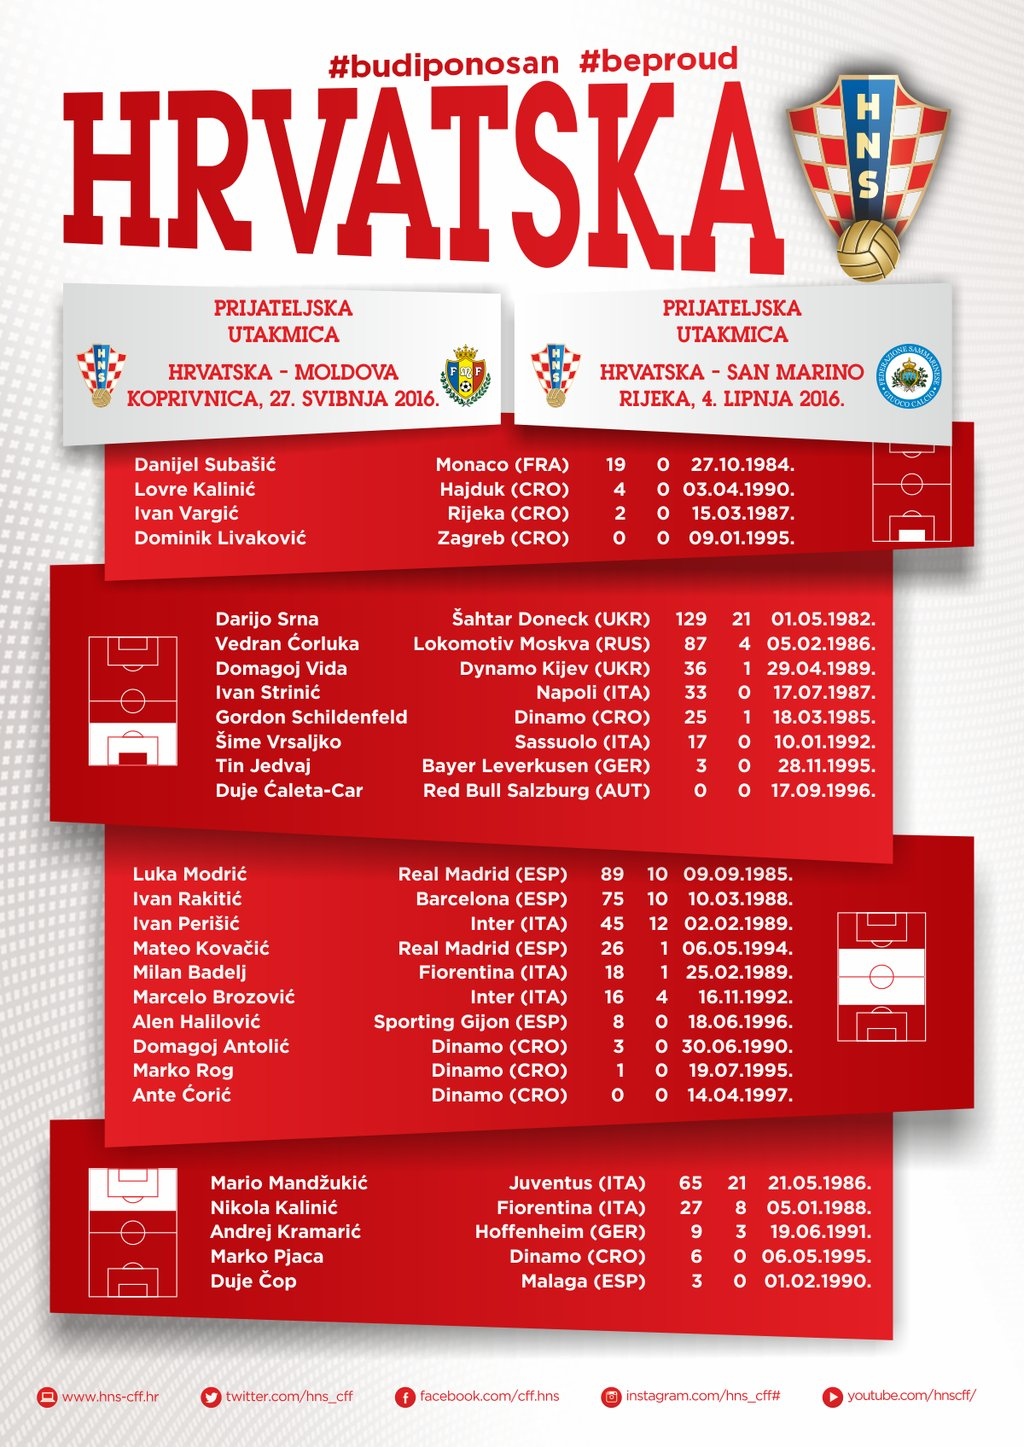 Der vorläufige Kader der Kroaten für die EM 2016 in Frankreich